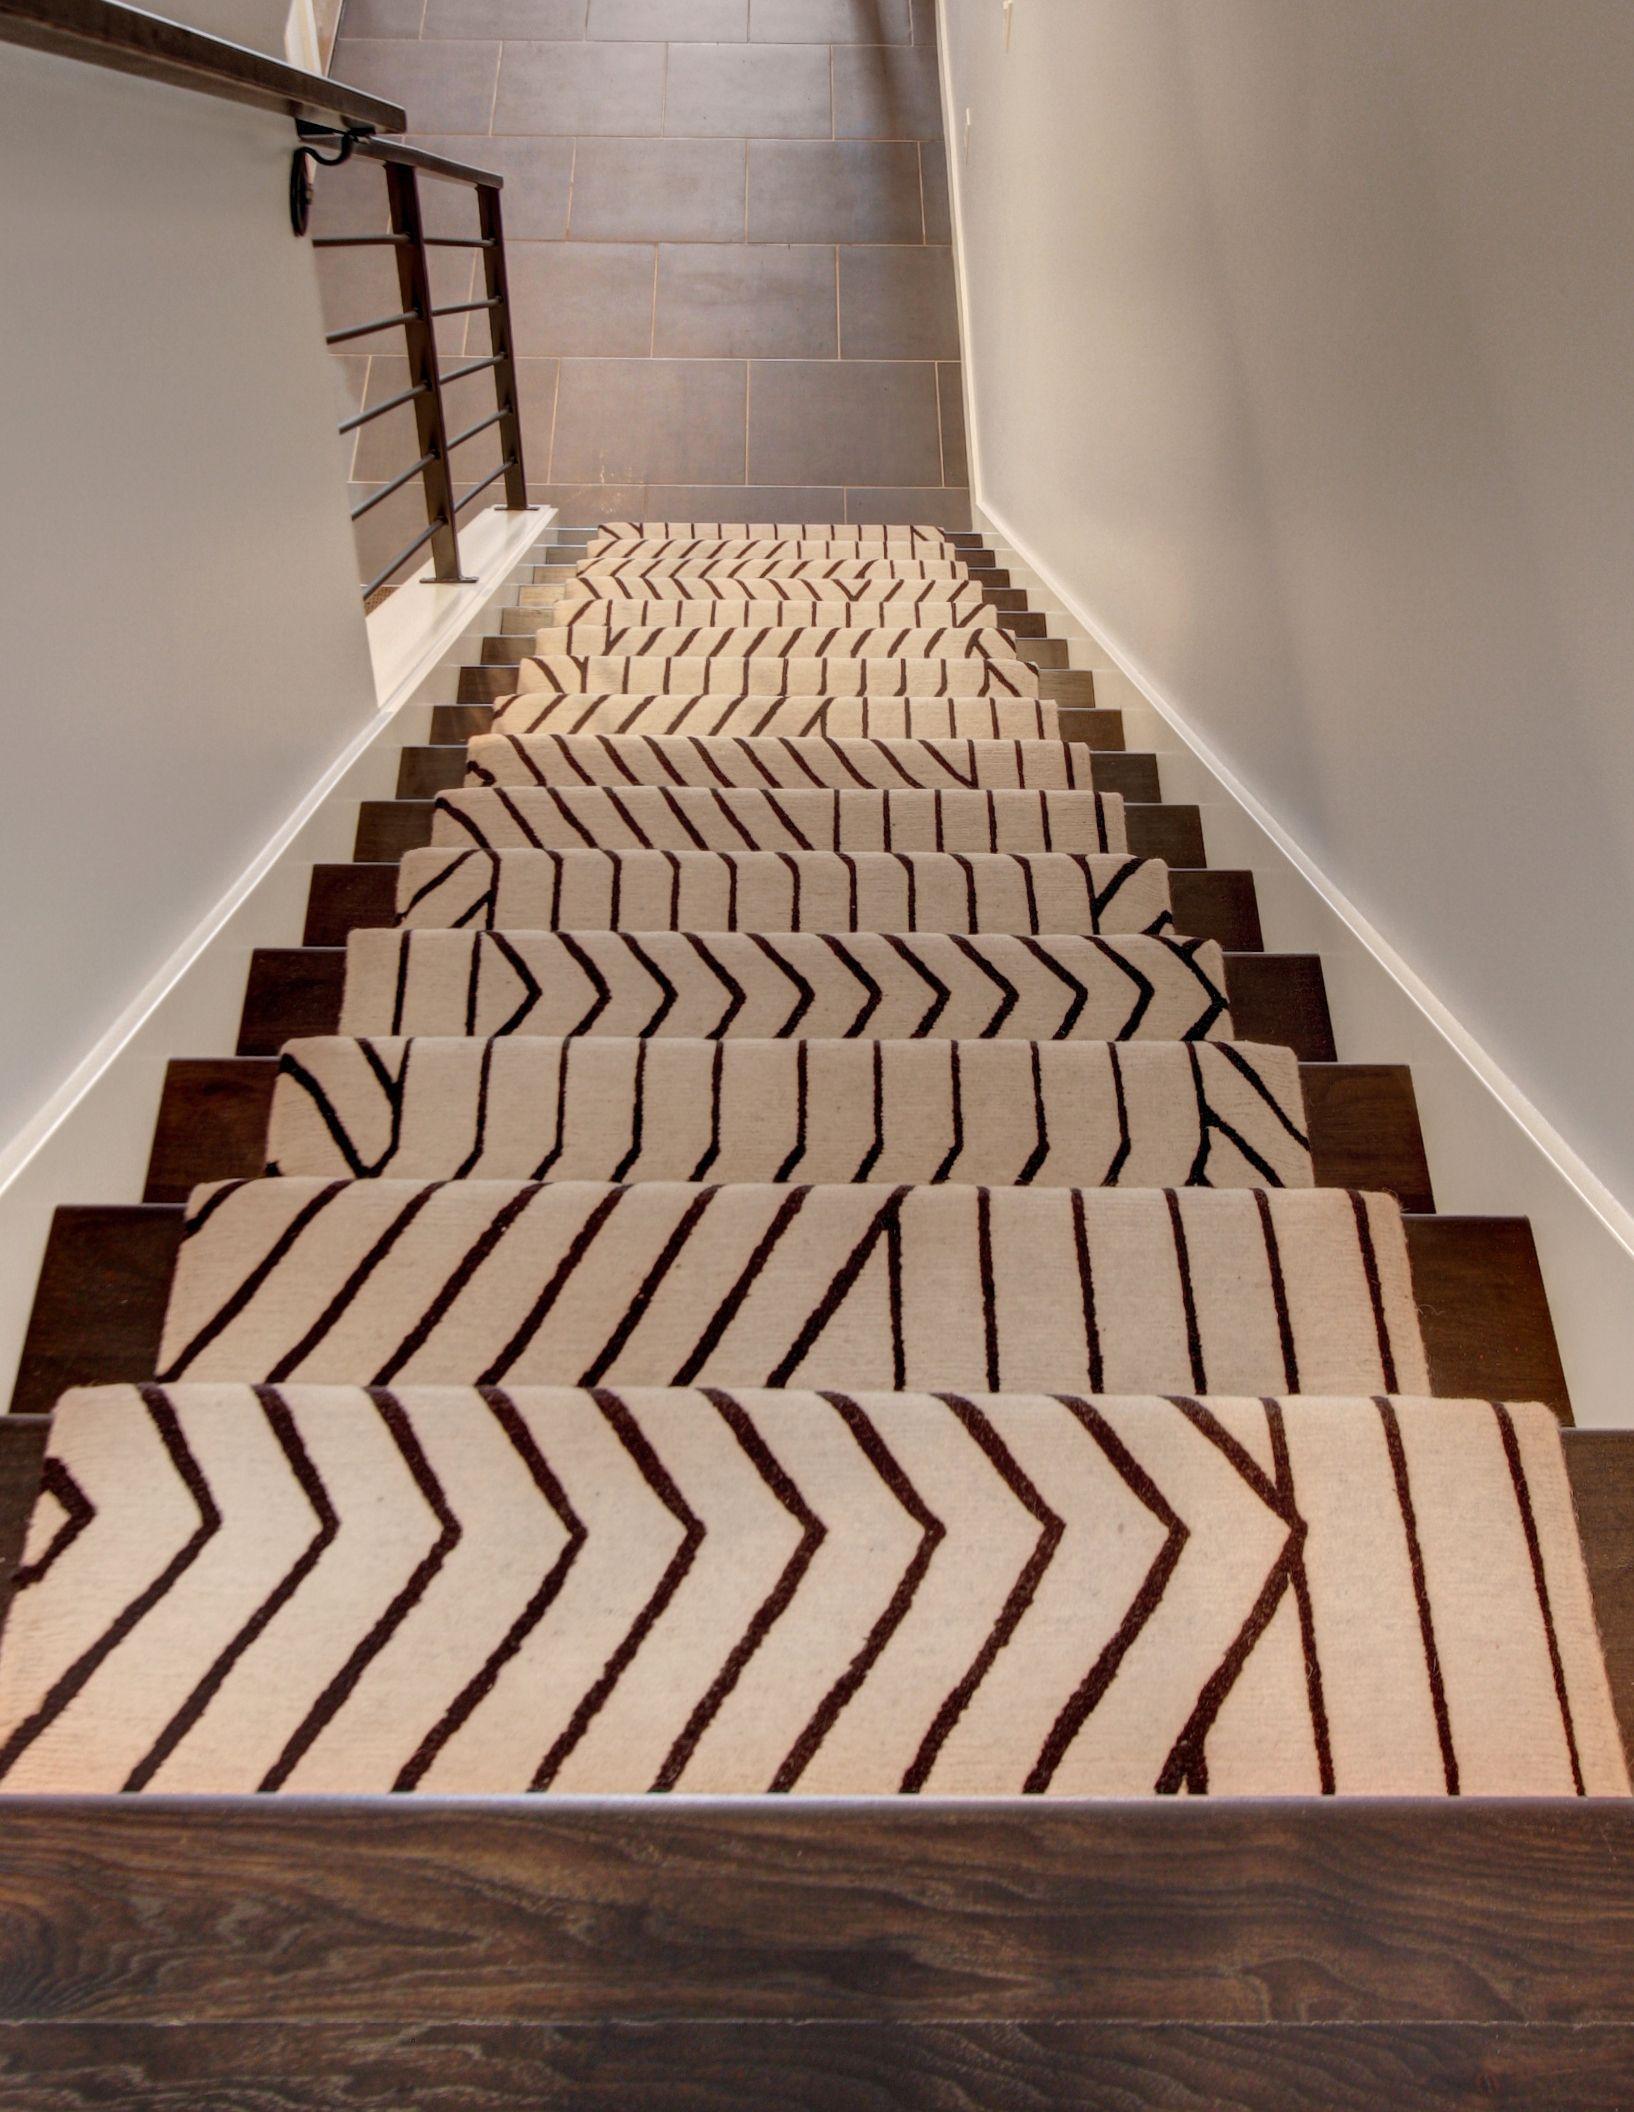 Best Black And White Zig Zag Stair Runner Designs By Ferdod 400 x 300